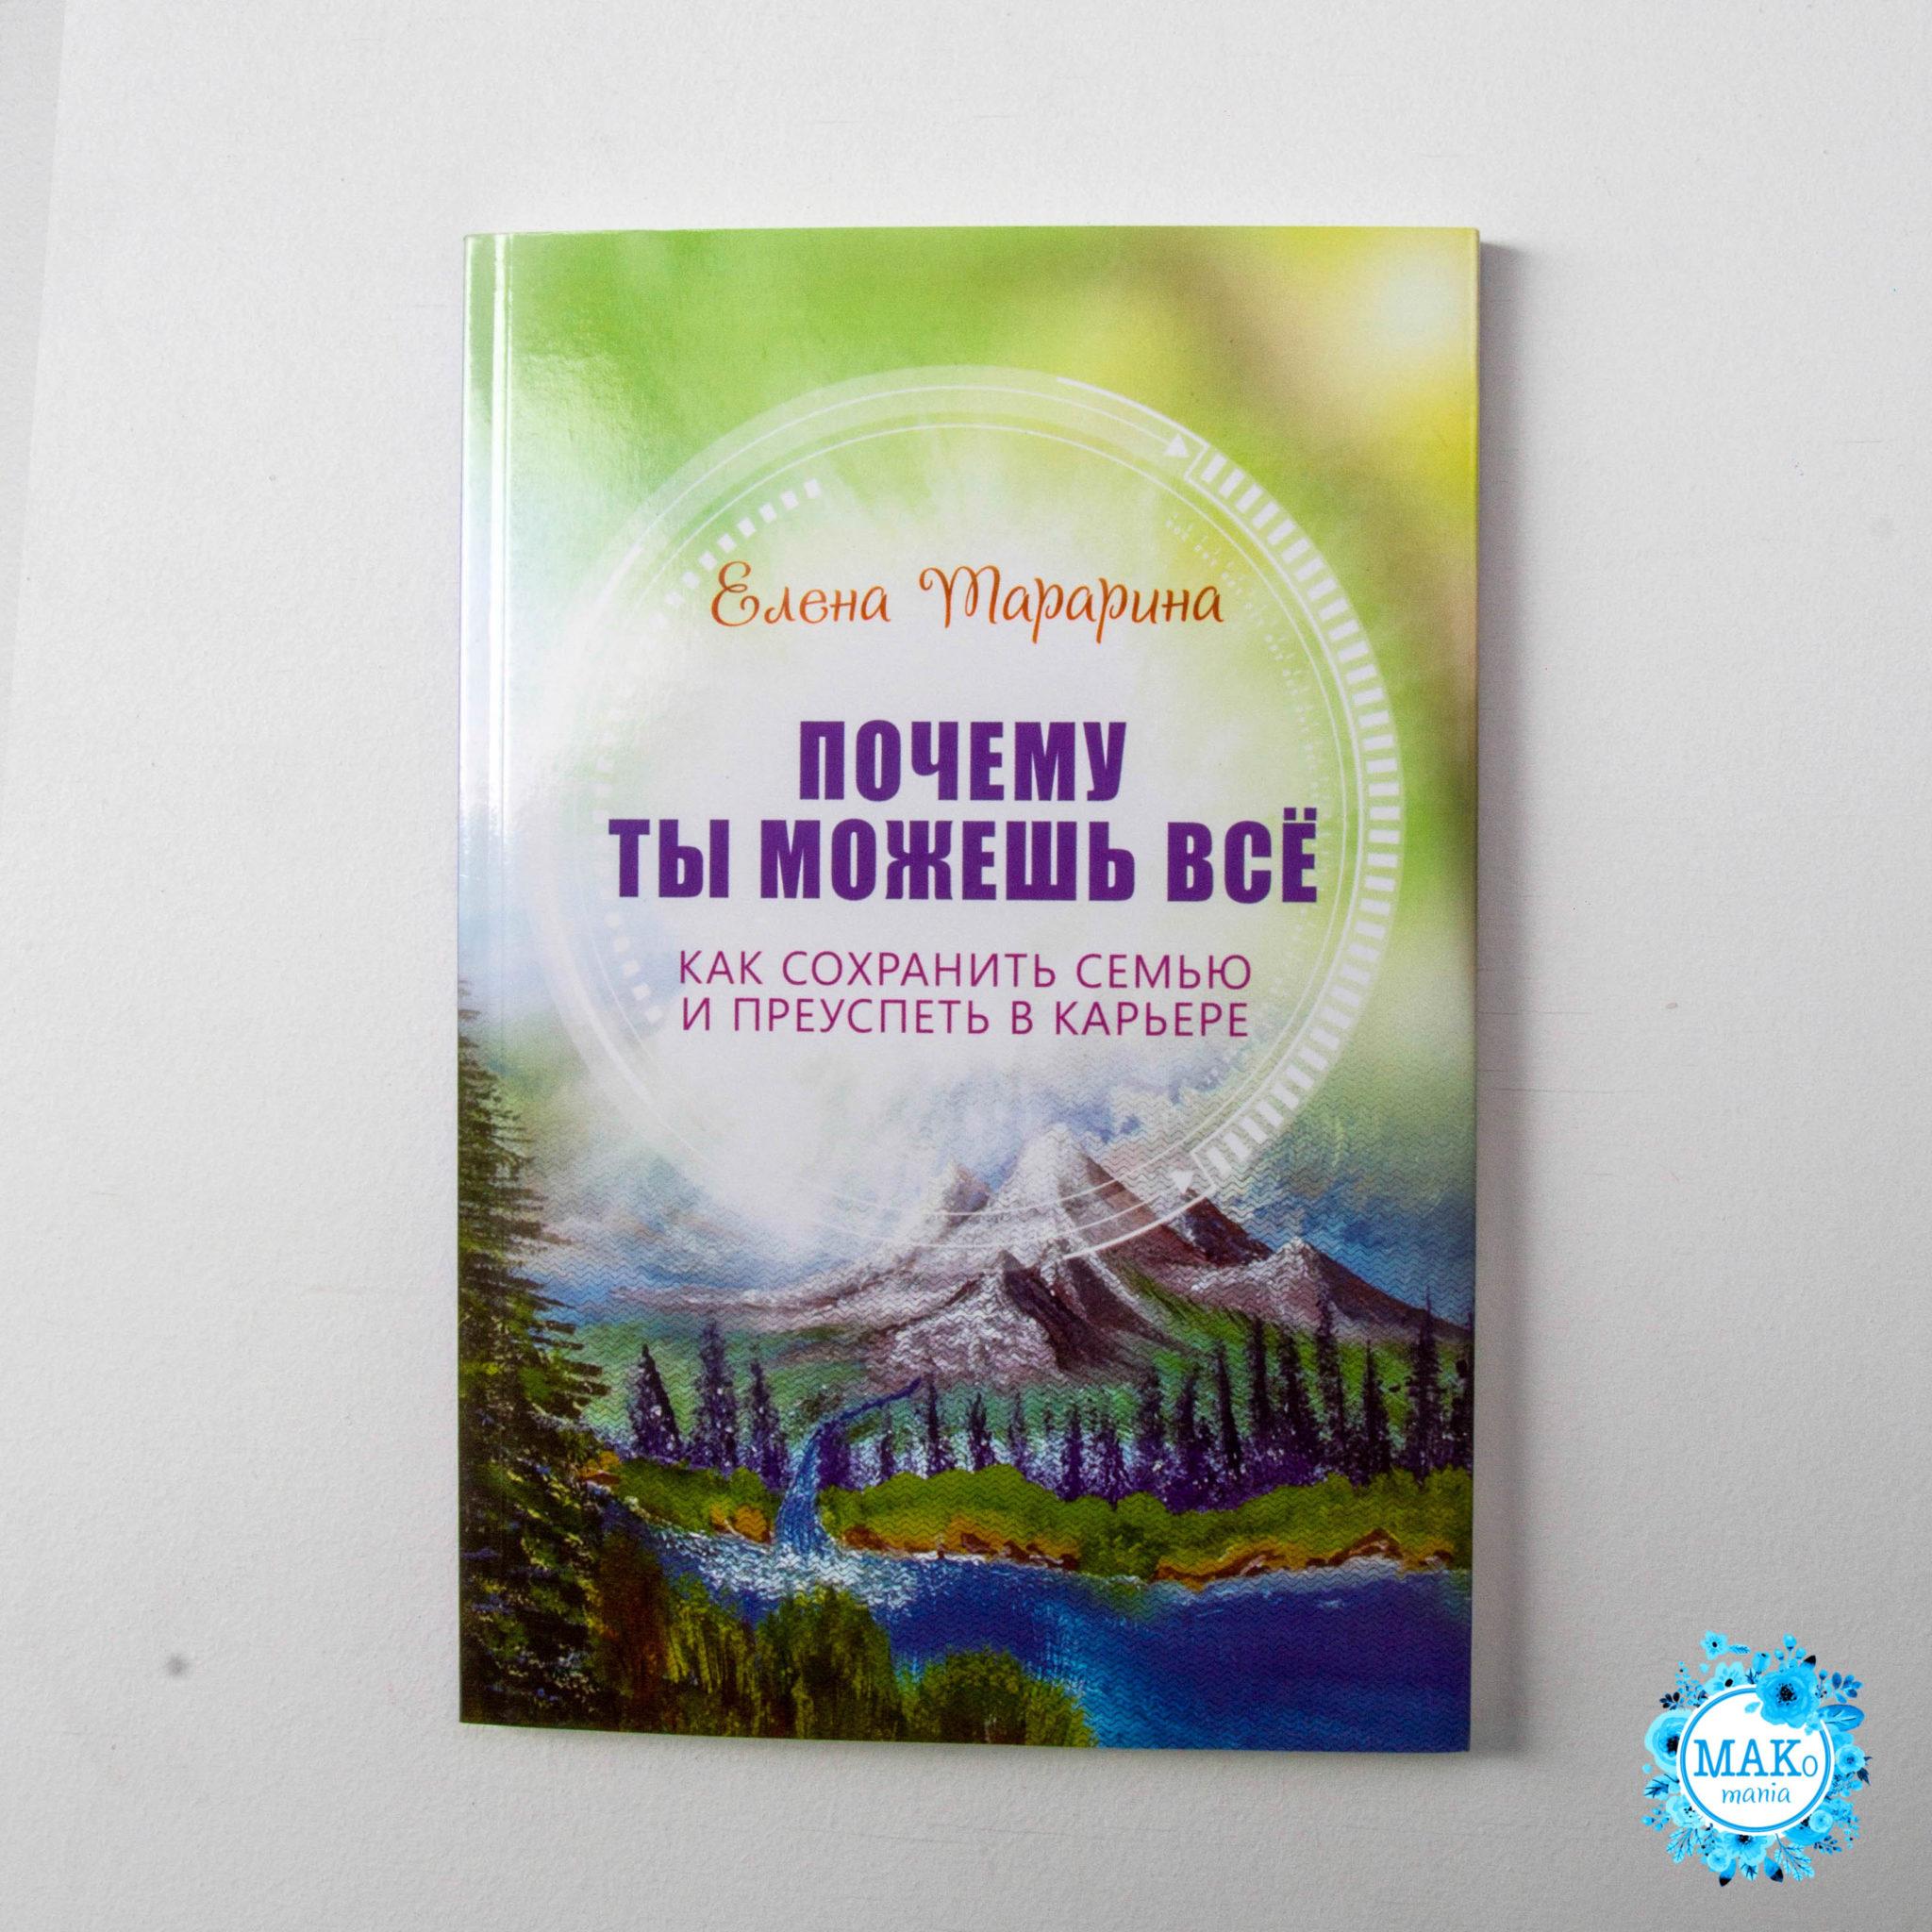 Книги МАК, психология, литература по психологии